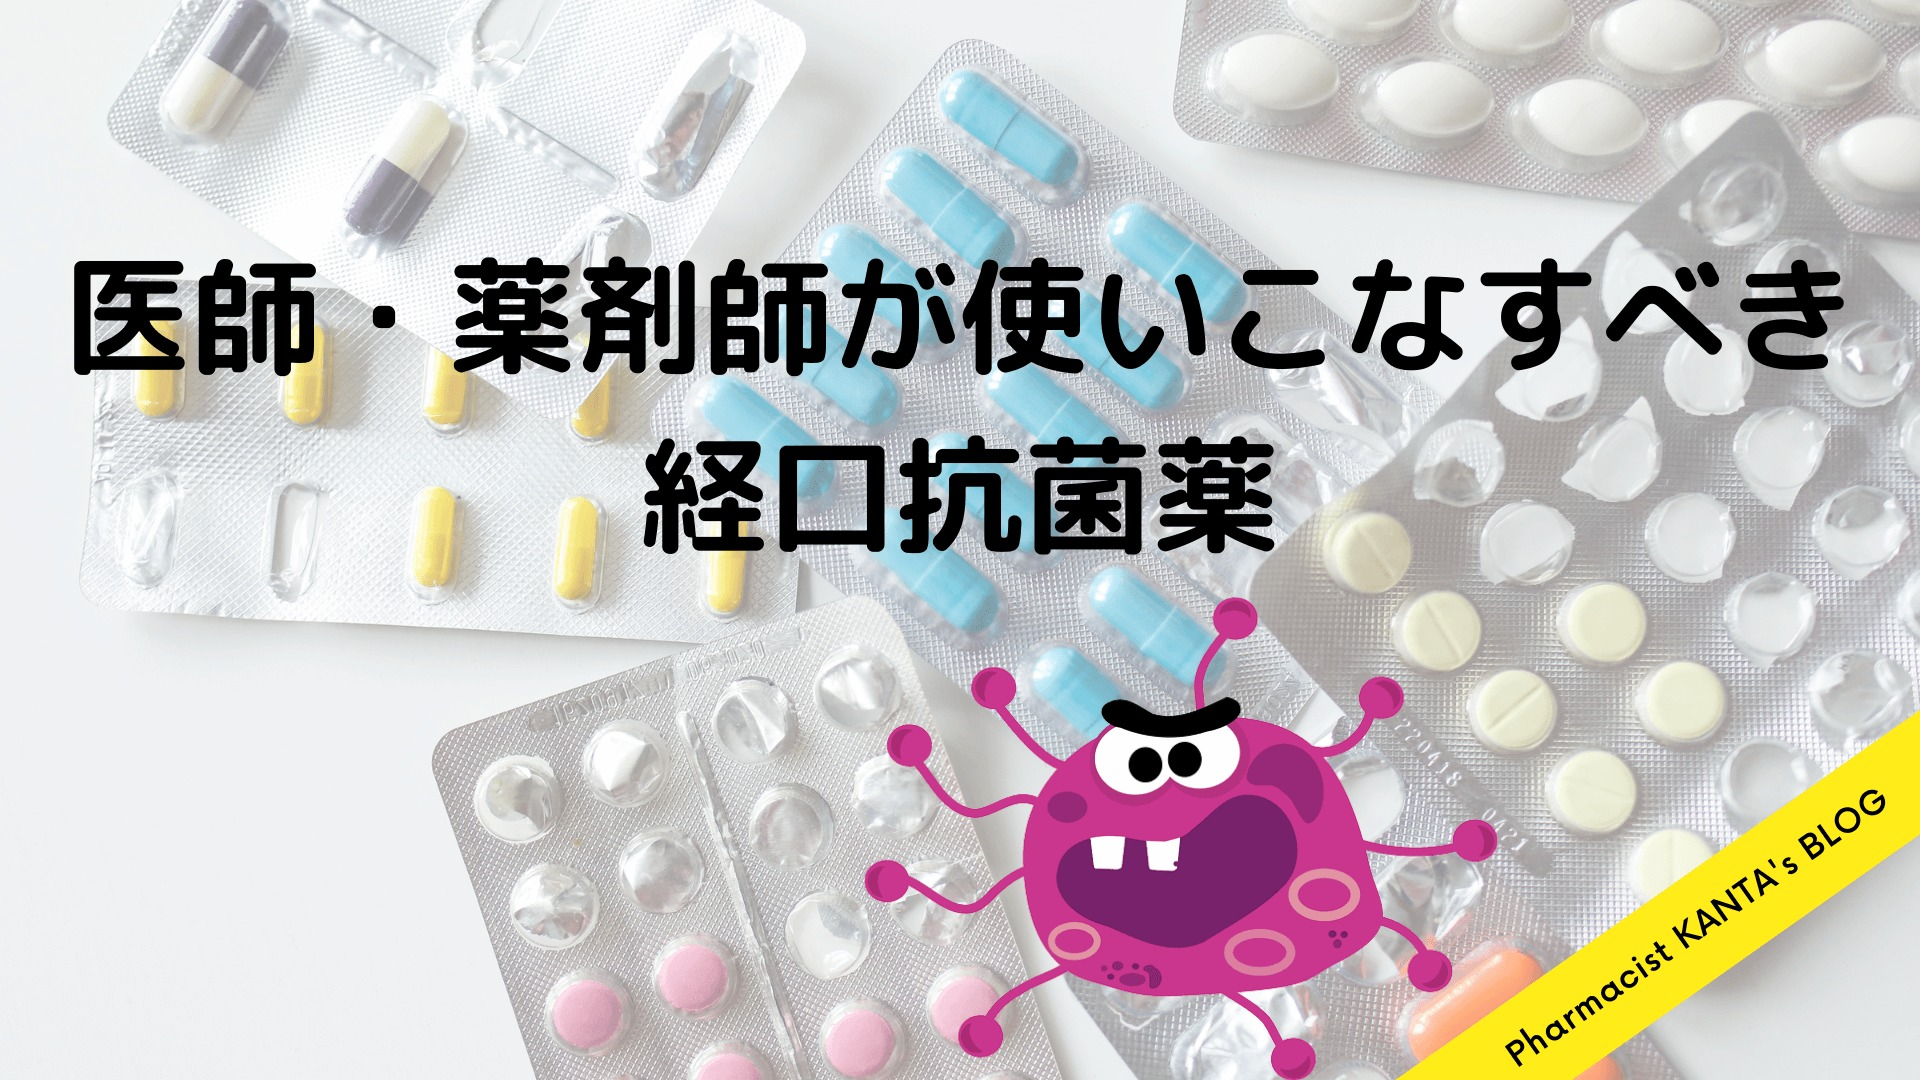 医師・薬剤師が使いこなすべき経口抗菌薬一覧